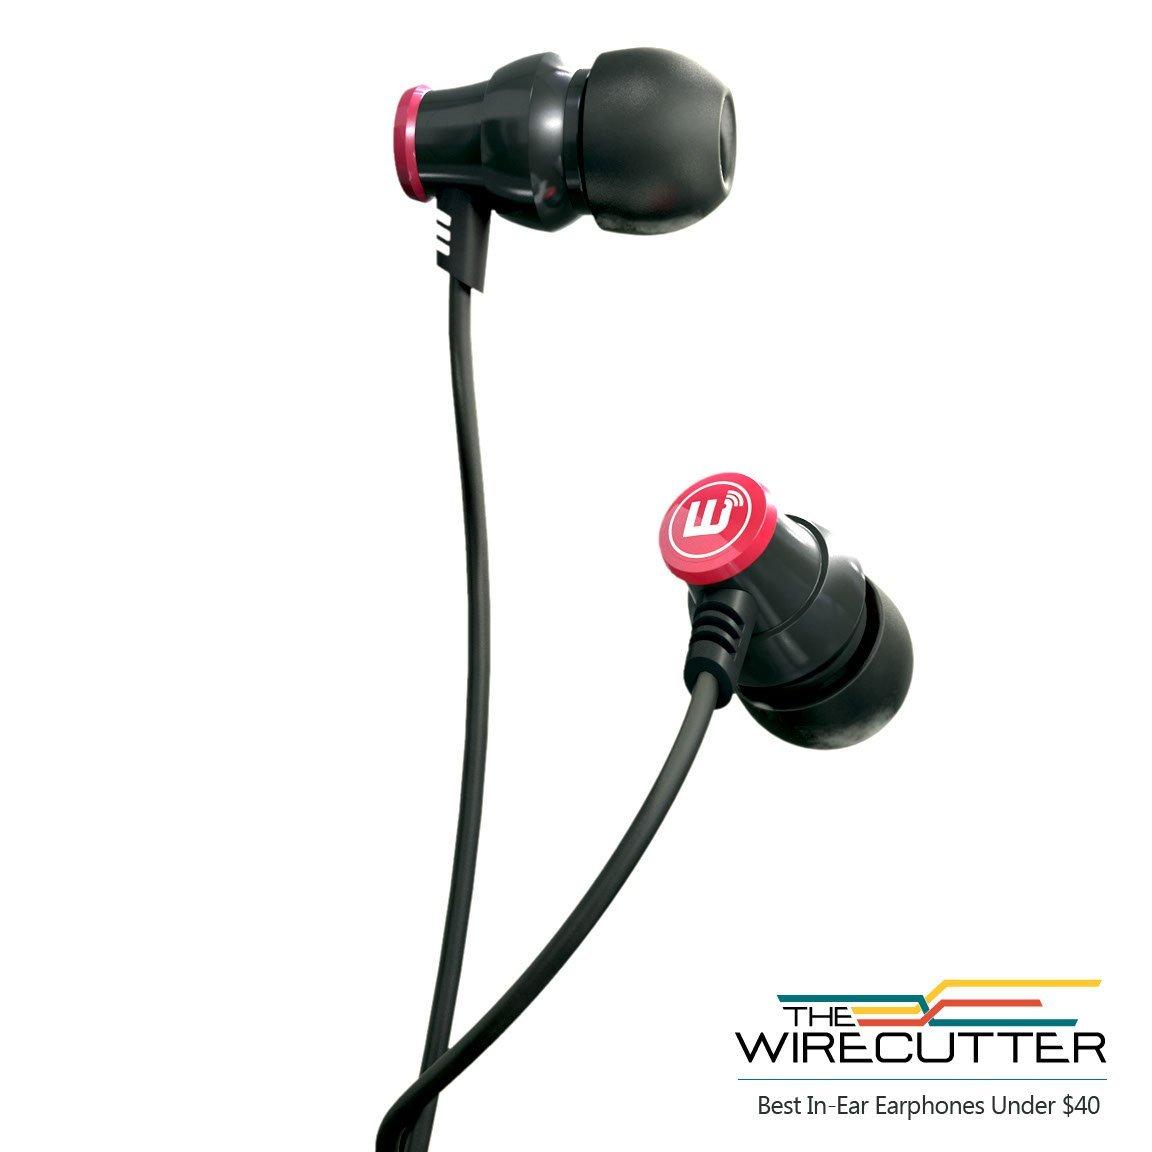 Amazon MX: Audífonos Brainwavz Delta (con manos libres para iPhone) color negro a $489